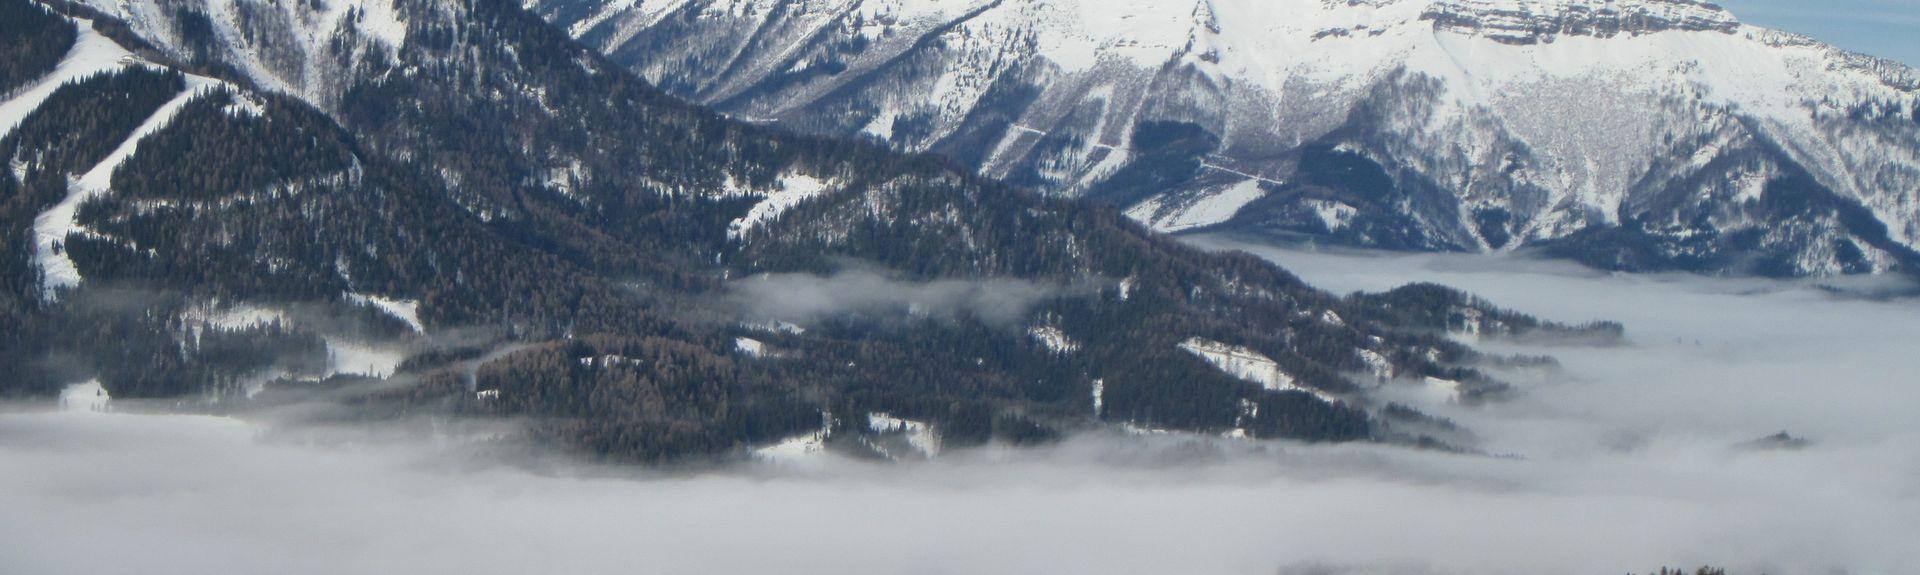 Wildalpen, Styria, Austria